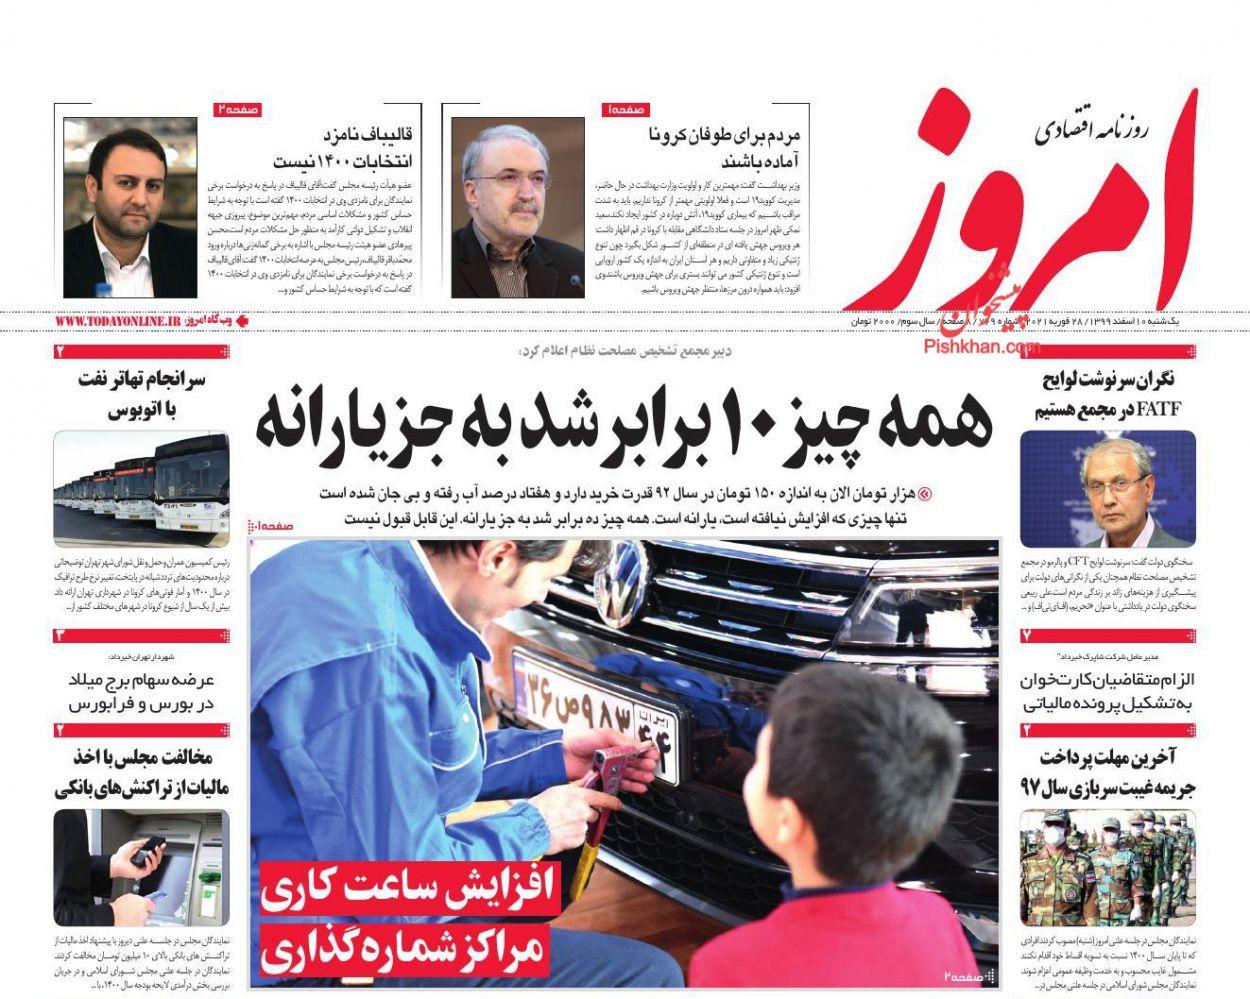 عناوین اخبار روزنامه امروز در روز یکشنبه ۱۰ اسفند